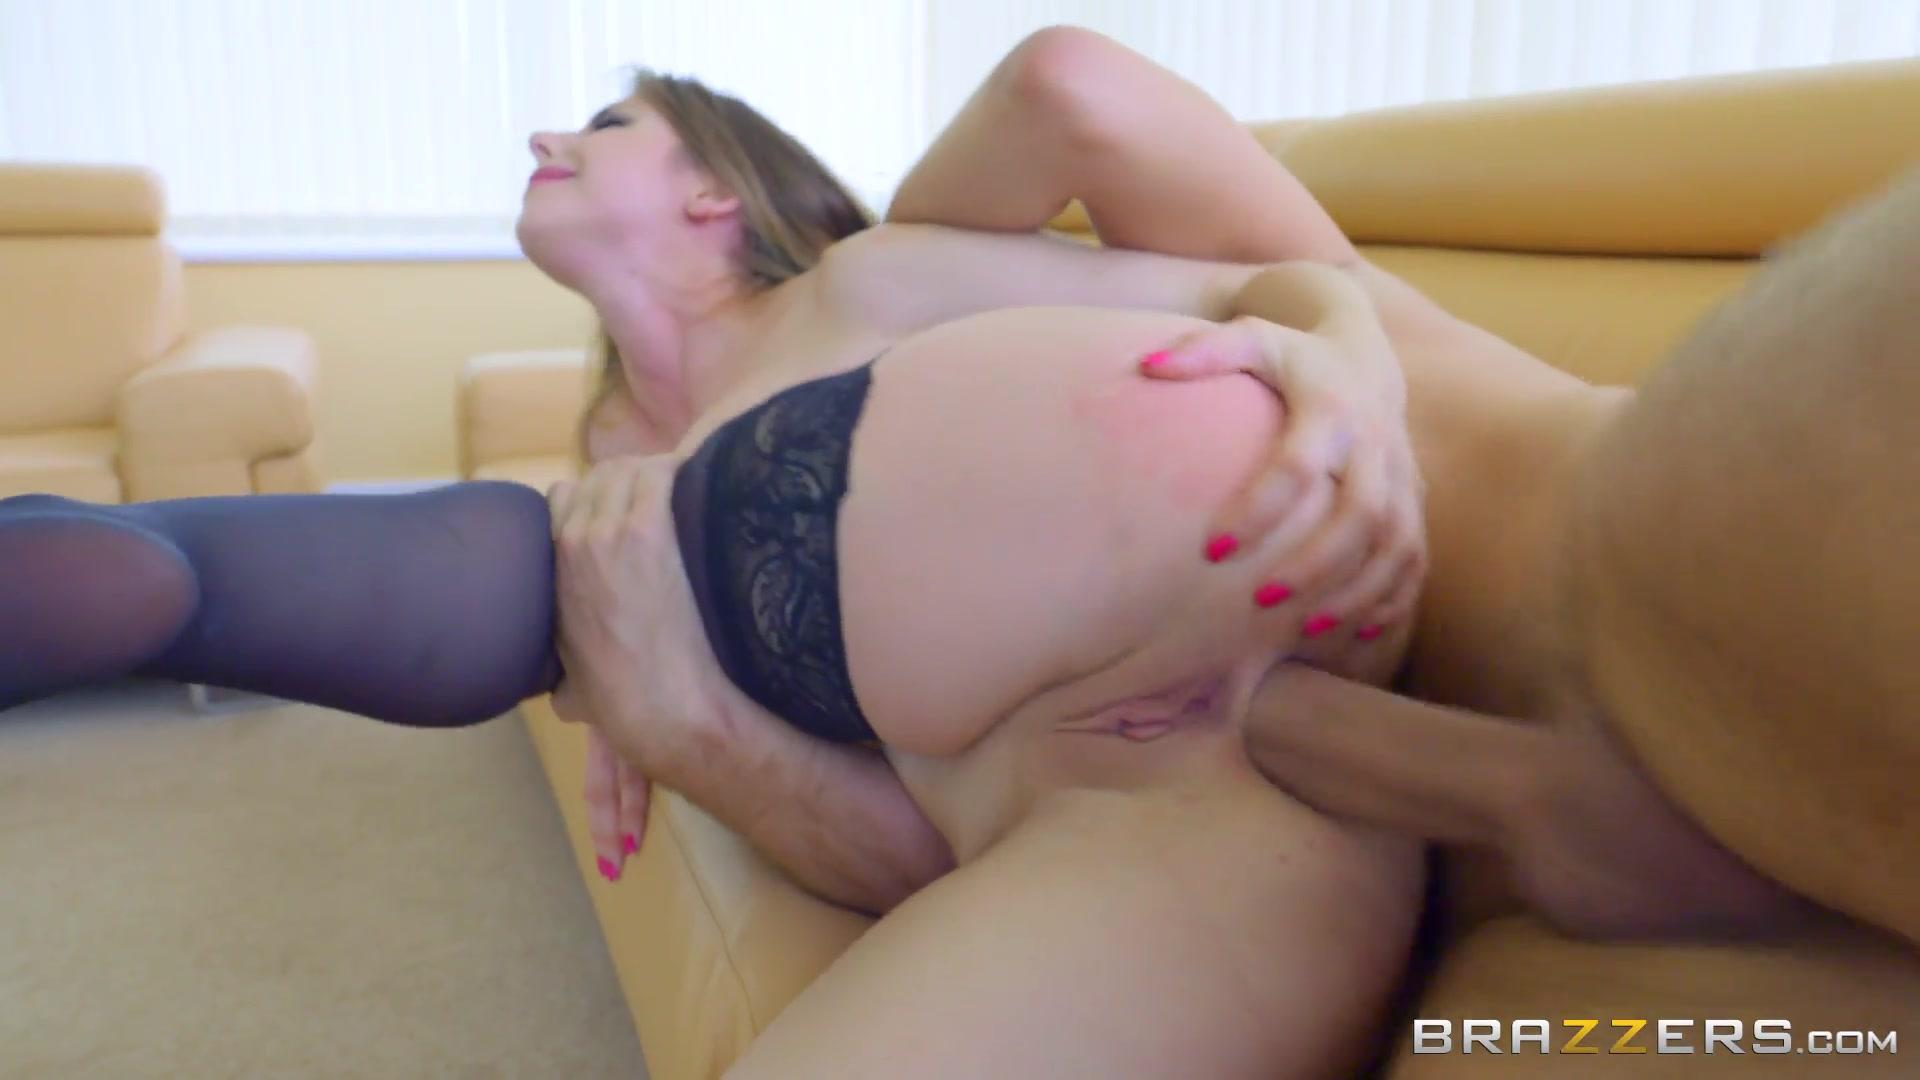 Russian mature porno hd 720p